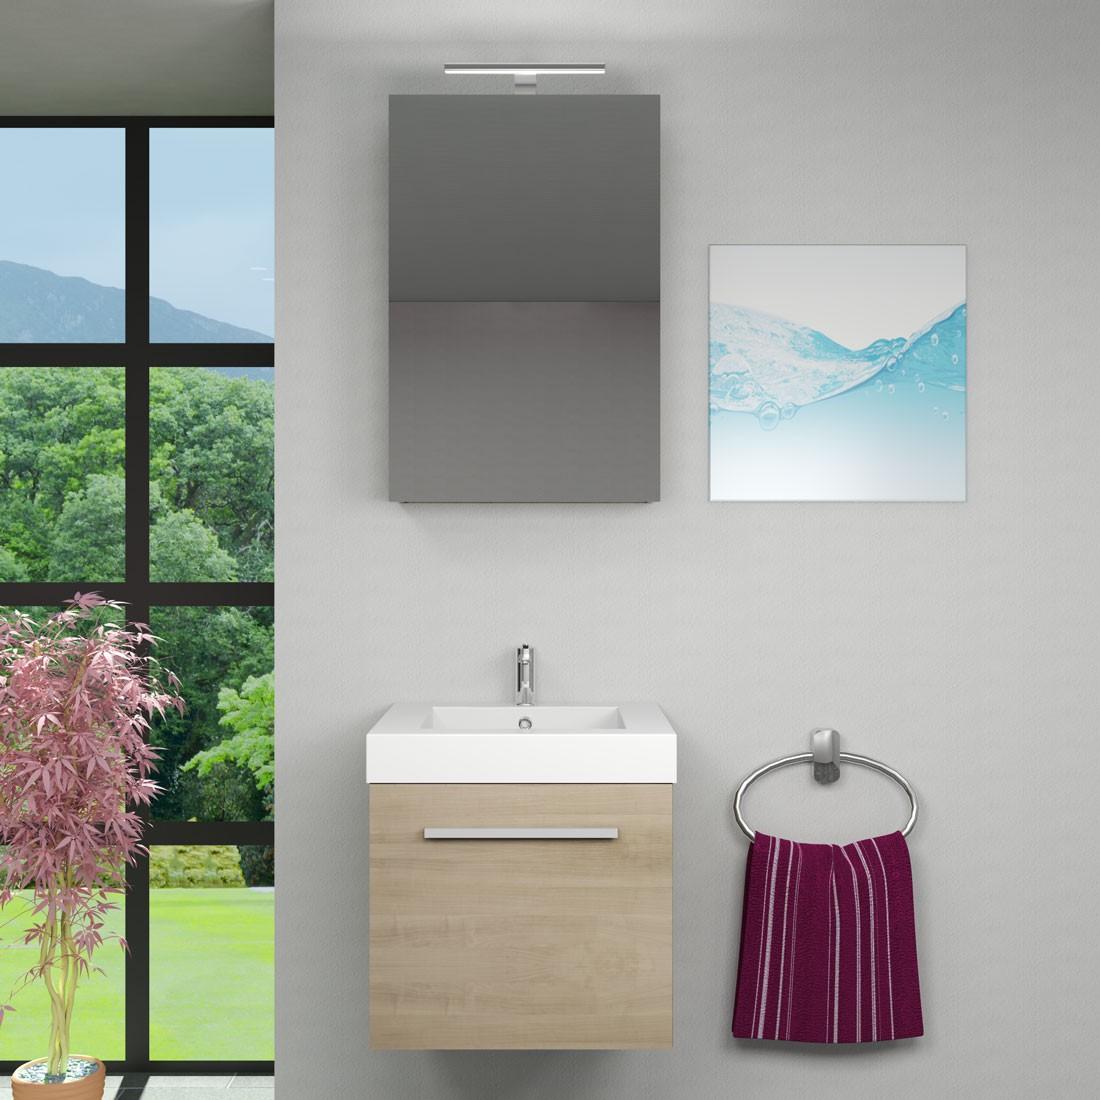 Spiegel Für Das Badezimmer: Spiegelschrank, Badspiegel, Badezimmer Spiegel City 50cm